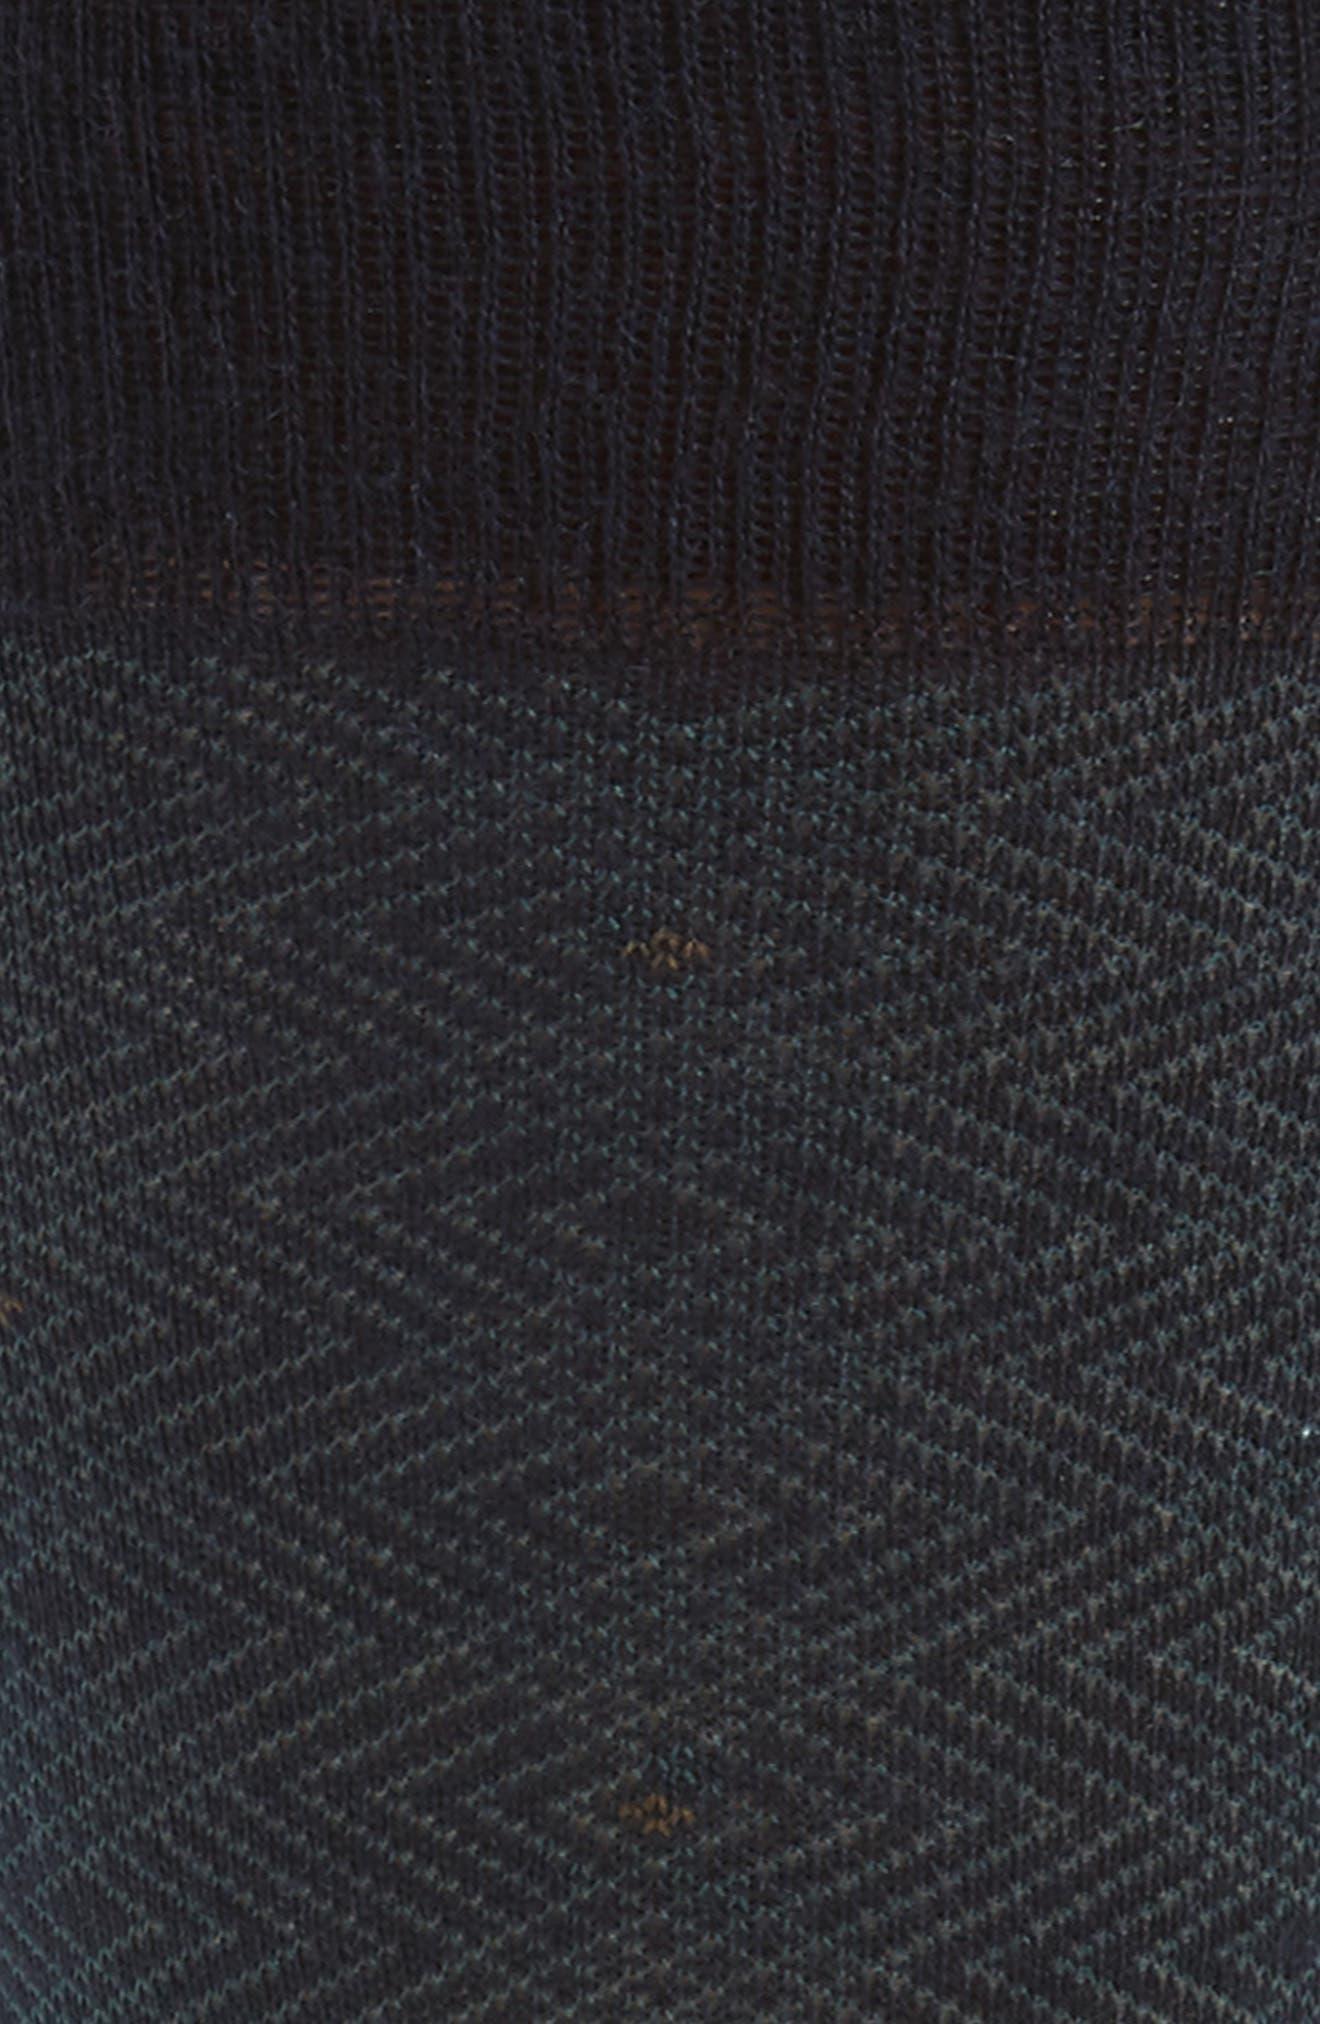 Merino Wool Blend Socks,                             Alternate thumbnail 2, color,                             Navy